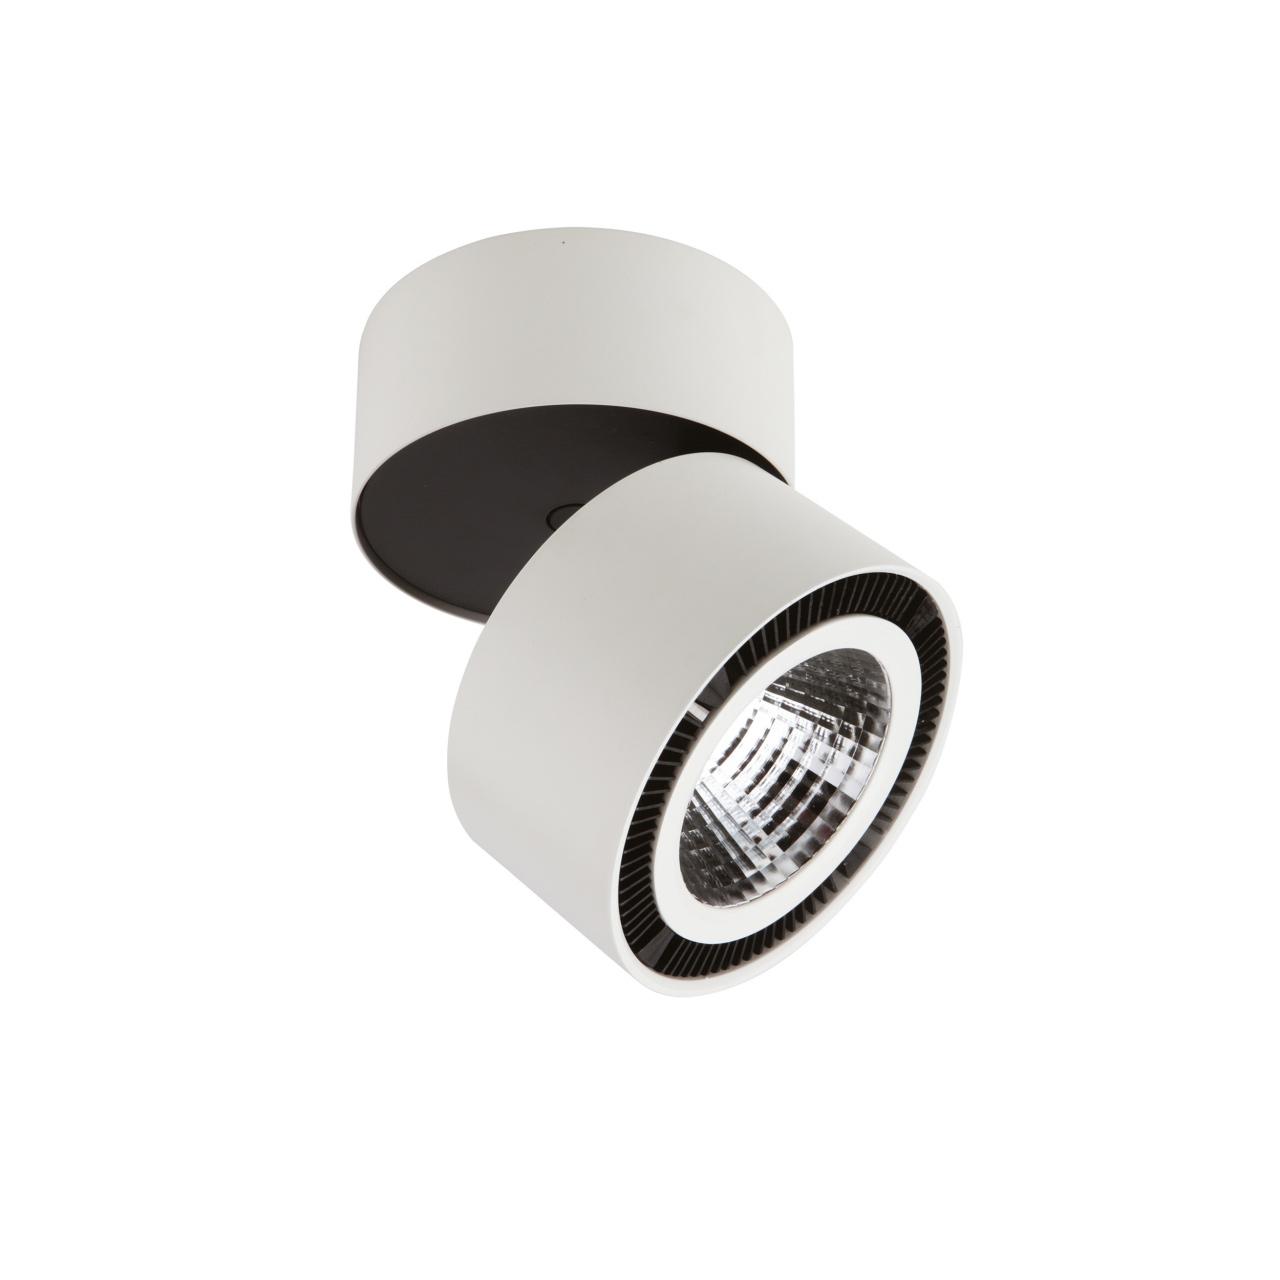 Светильник Forte Muro LED 26W 1950LM 30G белый 3000K Lightstar 213830